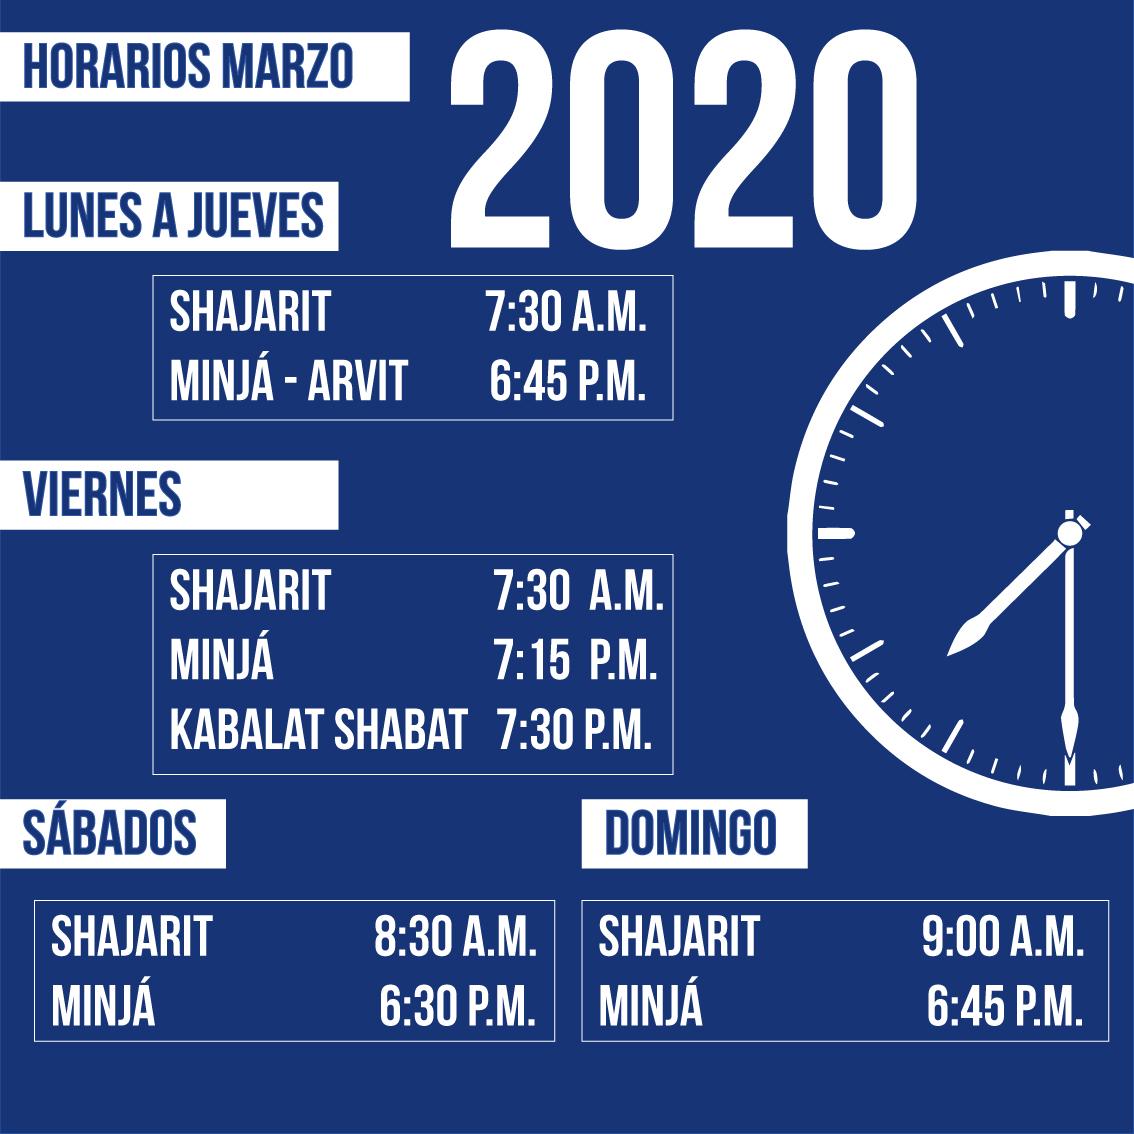 horarios-nuevo-formato-marzo-2020